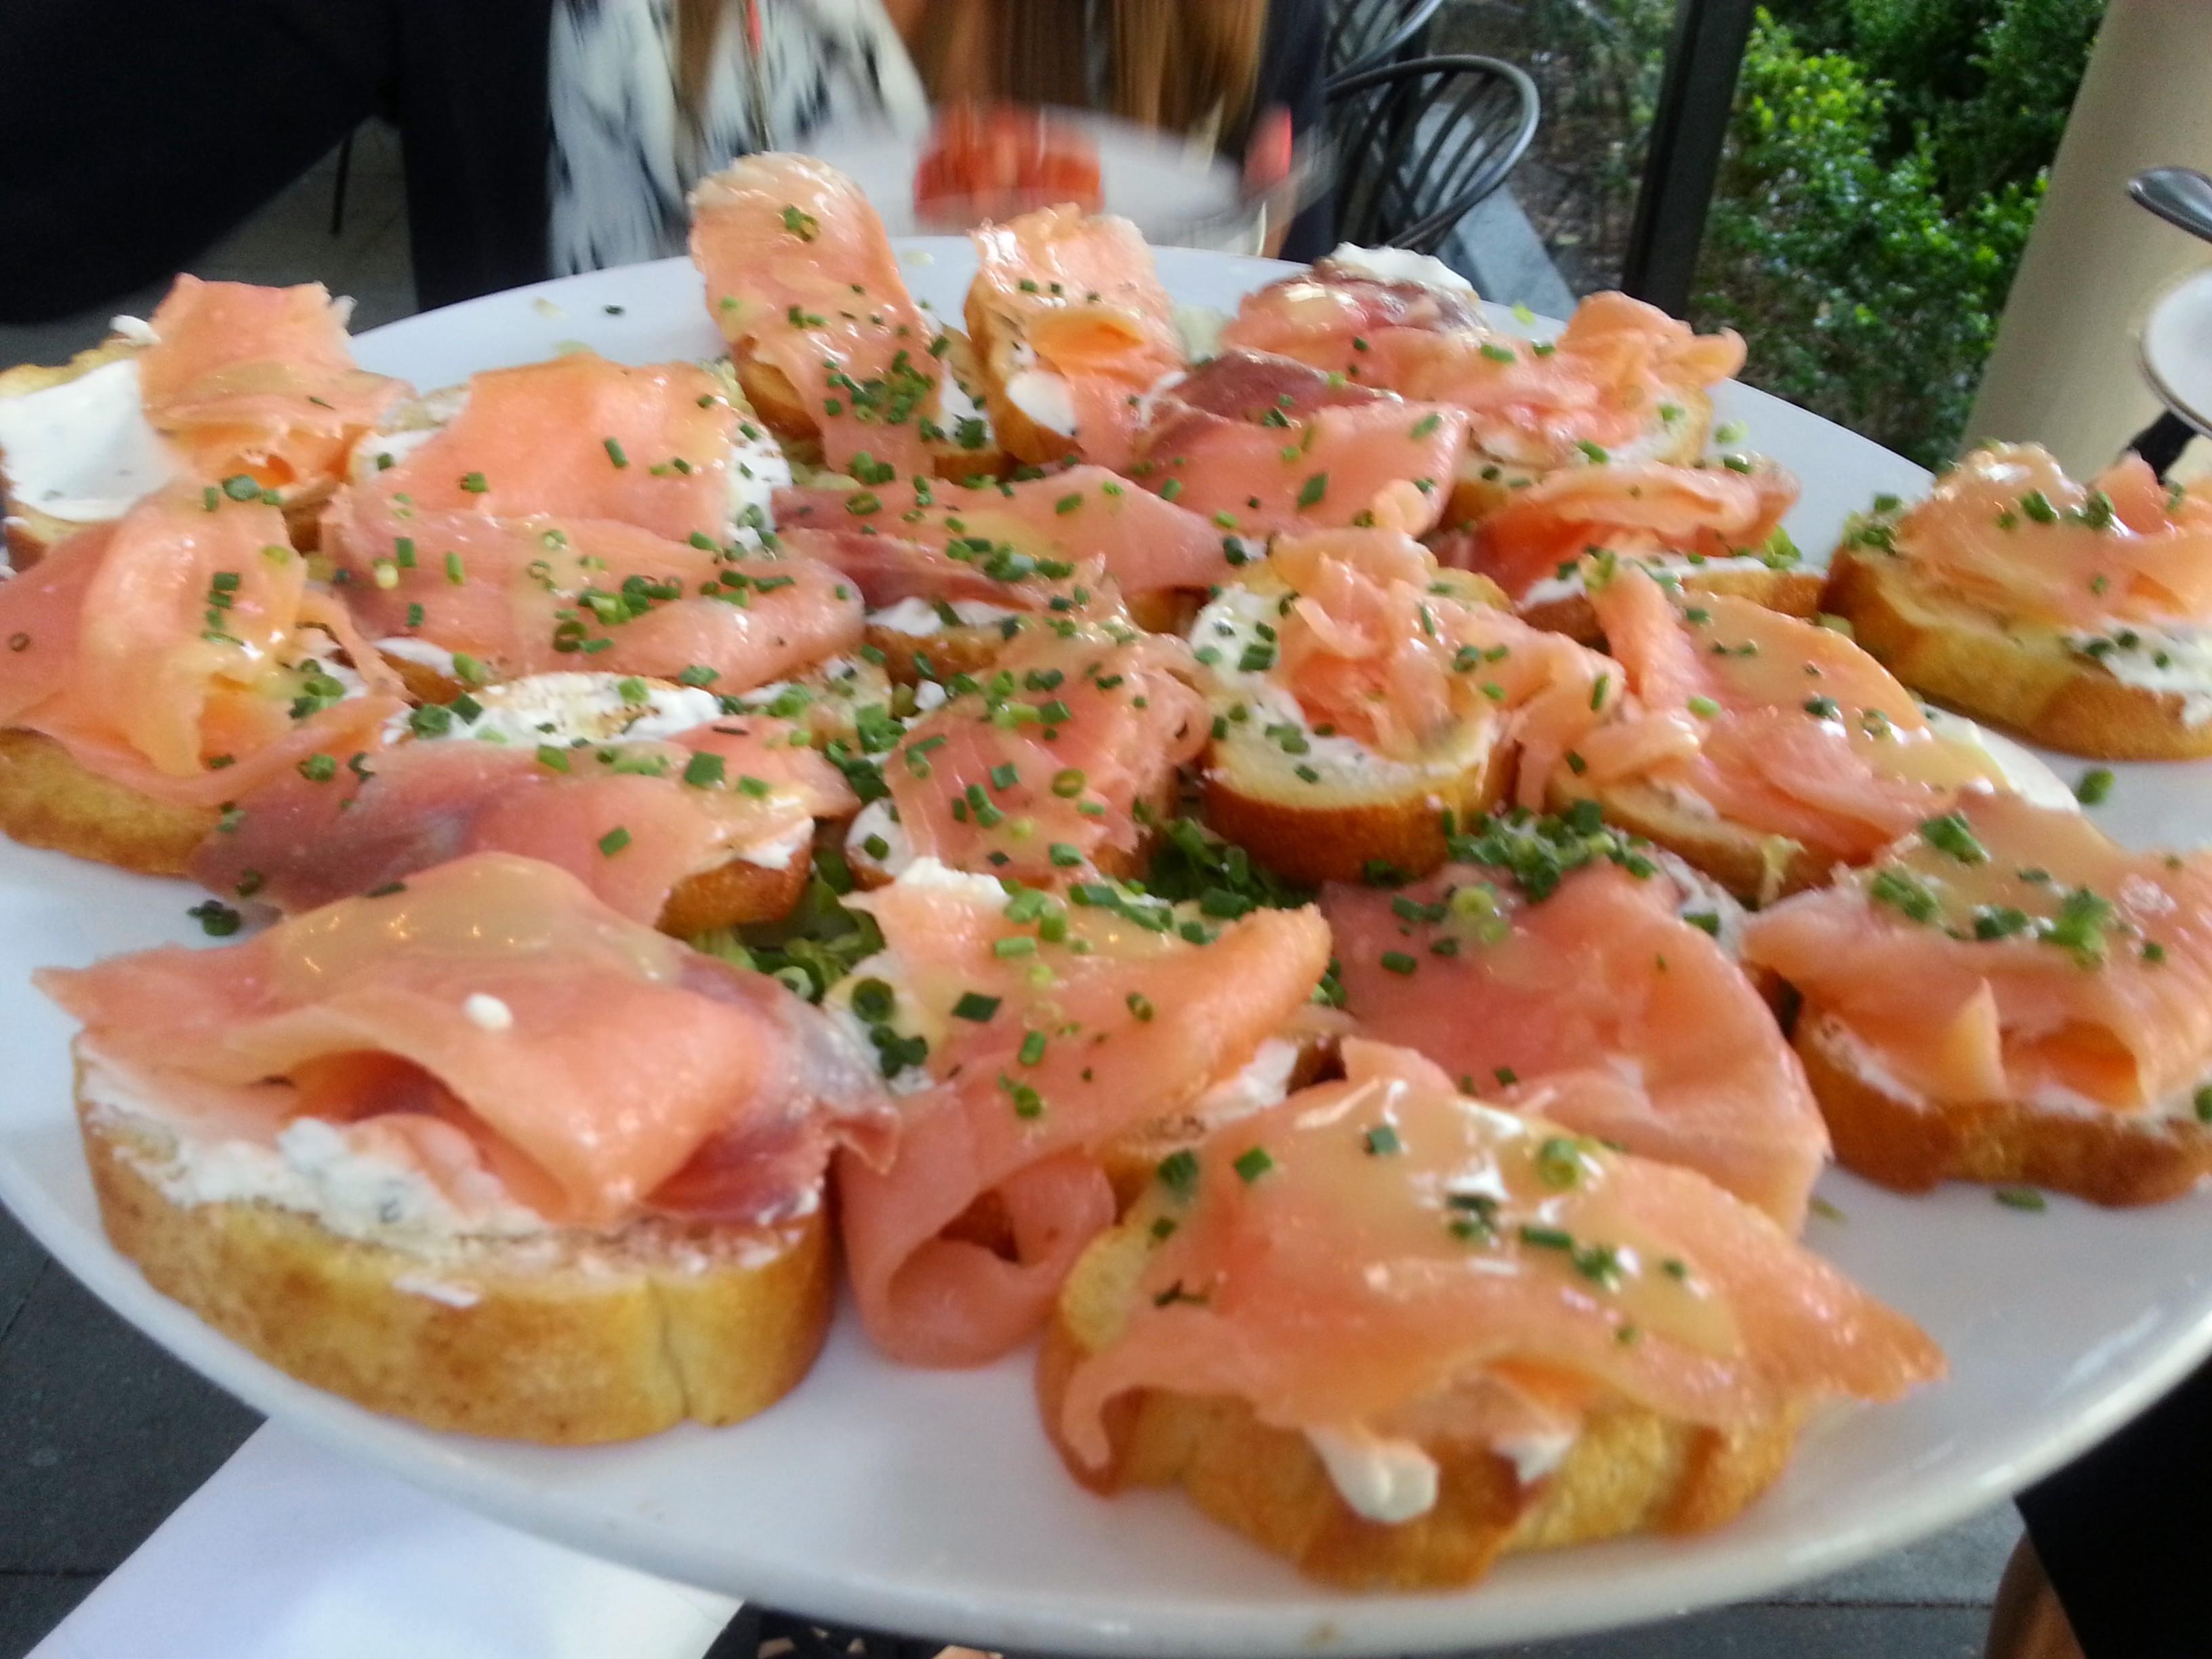 Smoked Salmon and Cream Cheese Bites